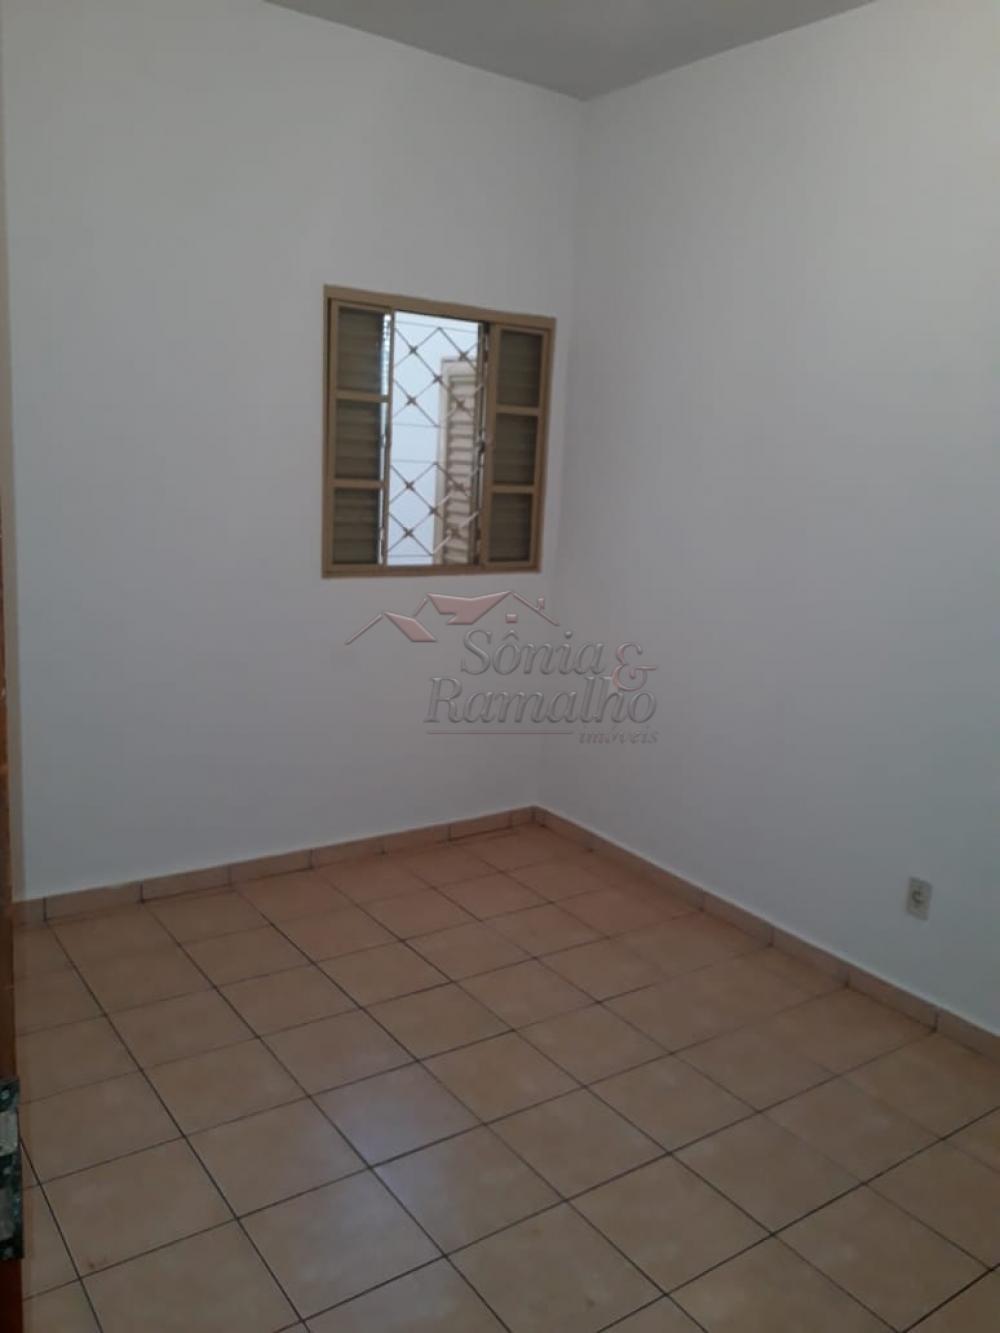 Alugar Casas / Padrão em Ribeirão Preto apenas R$ 650,00 - Foto 2